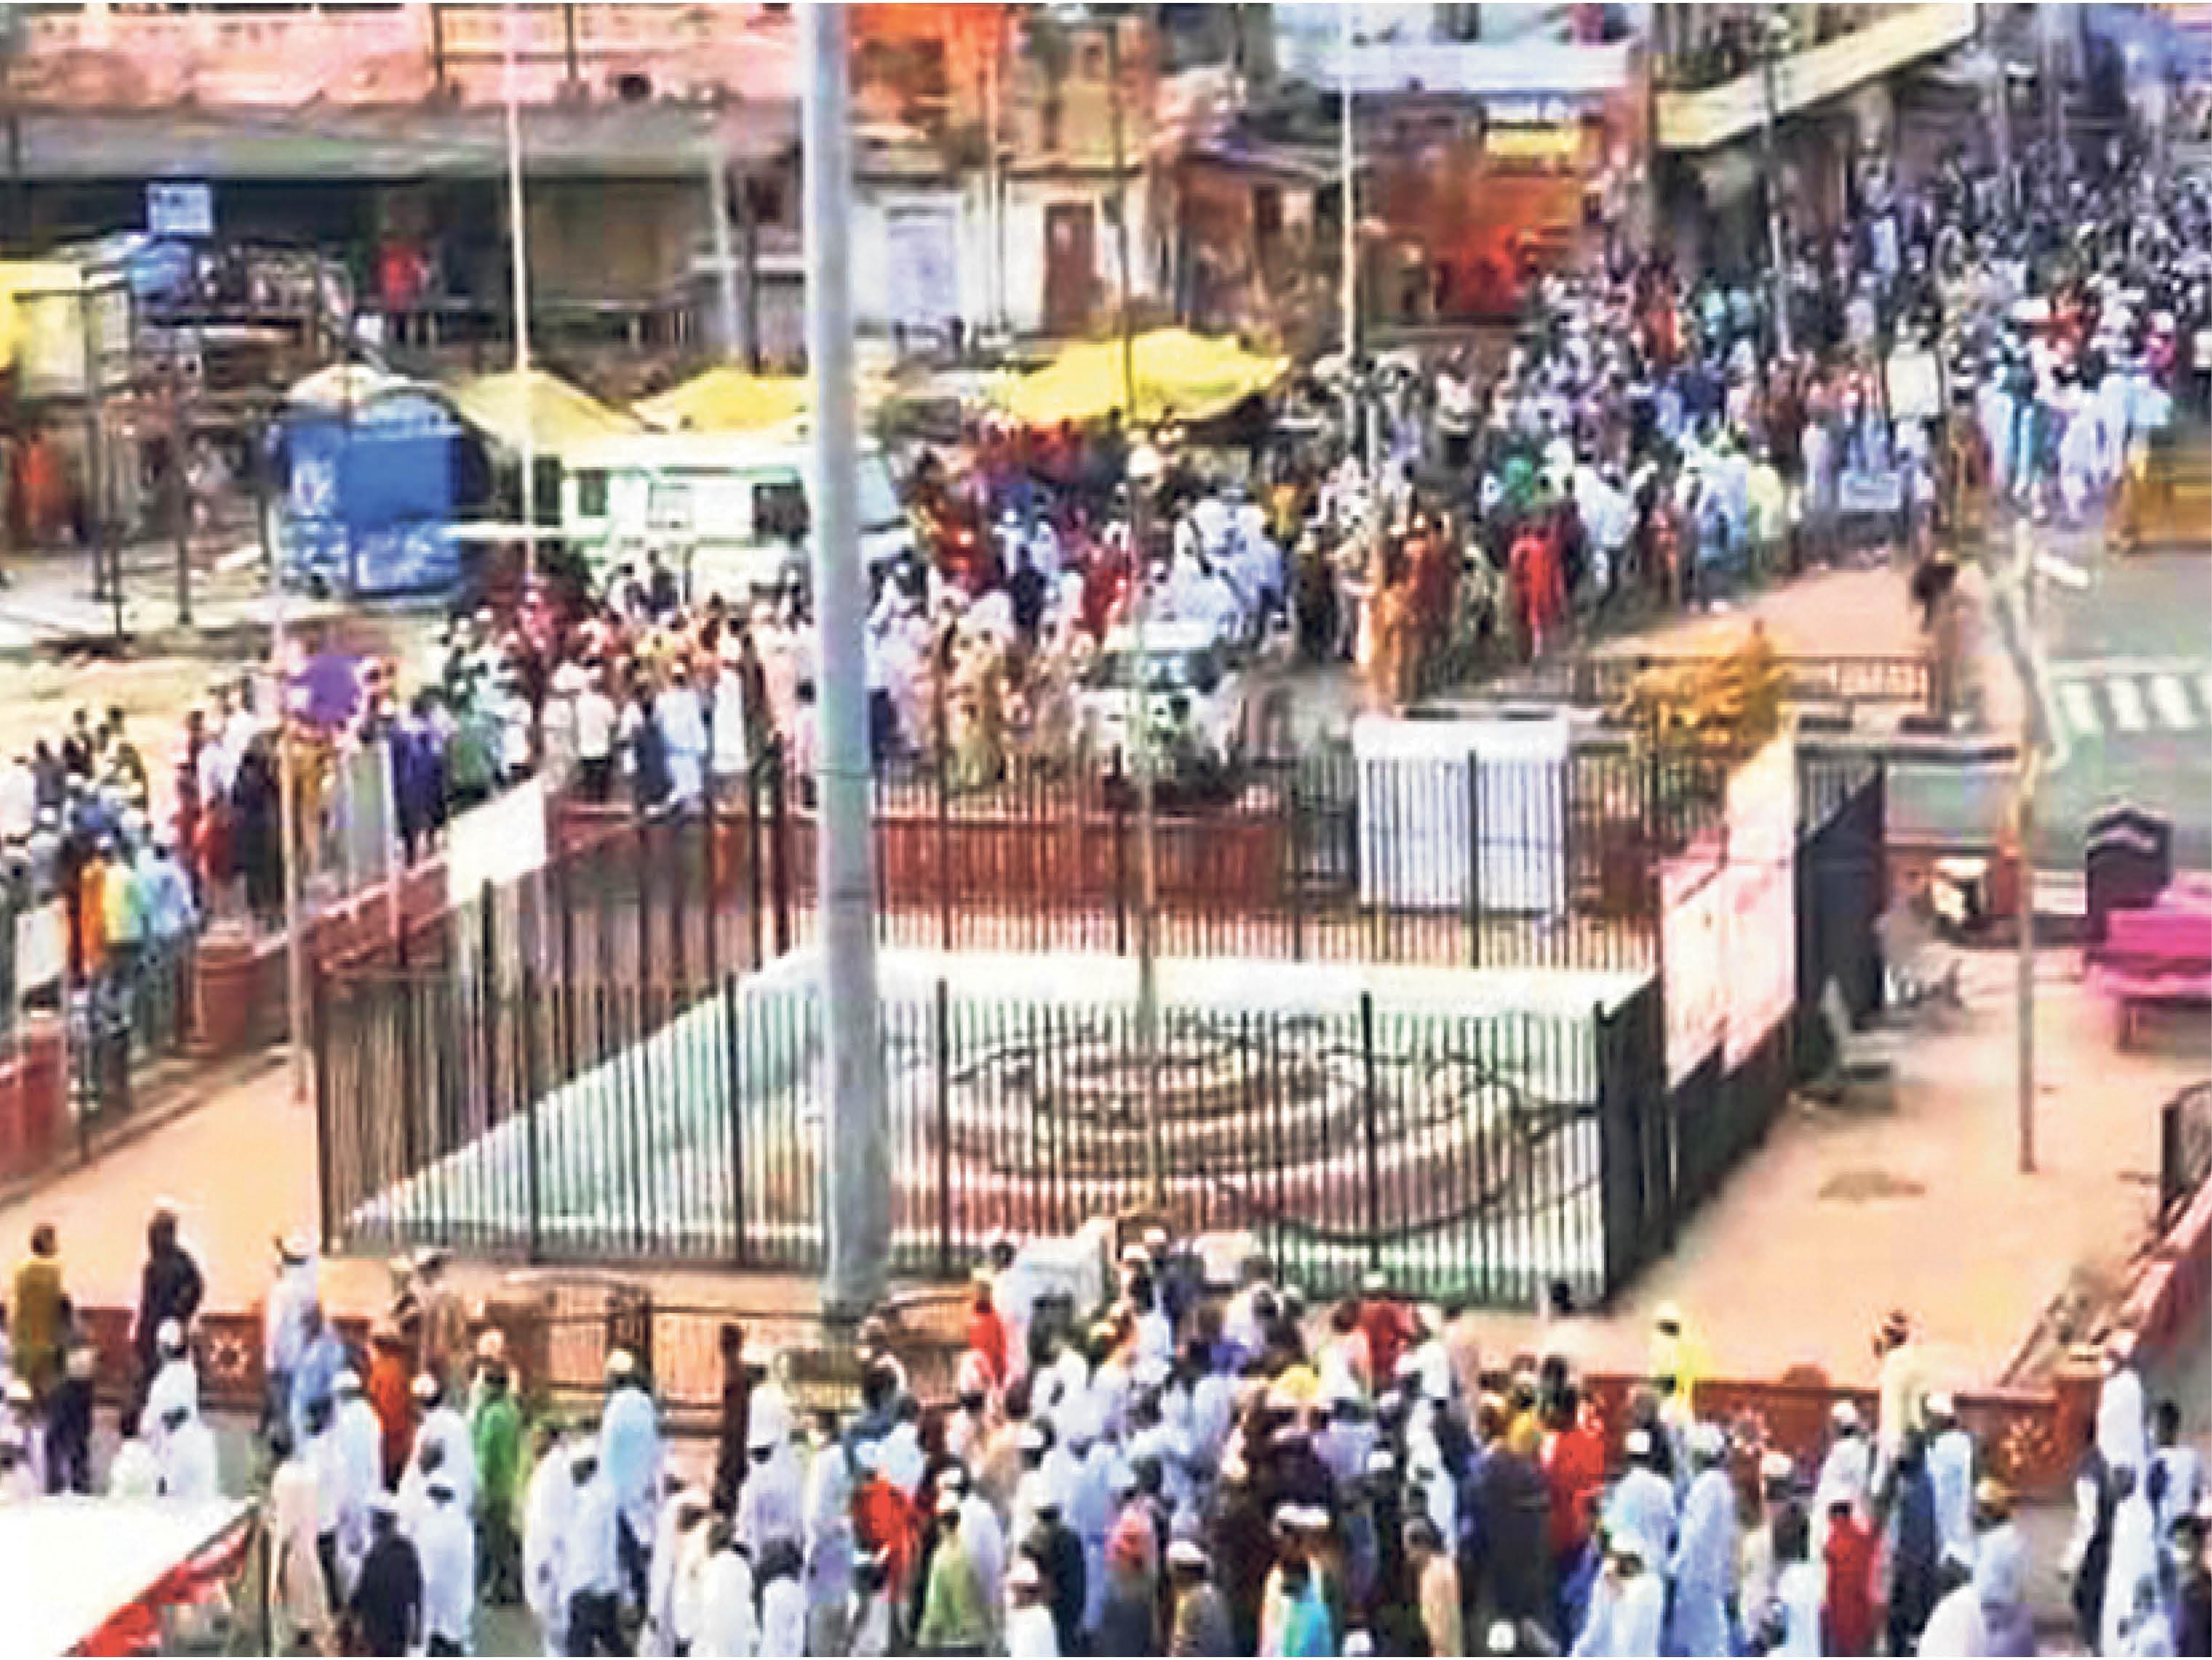 कोरोना से बचाने के लिए जिन हाजी की अपील पर ईद का जुलूस टाला था, उन्हीं की अंतिम यात्रा में जुटे 15 हजार लोग|जयपुर,Jaipur - Dainik Bhaskar